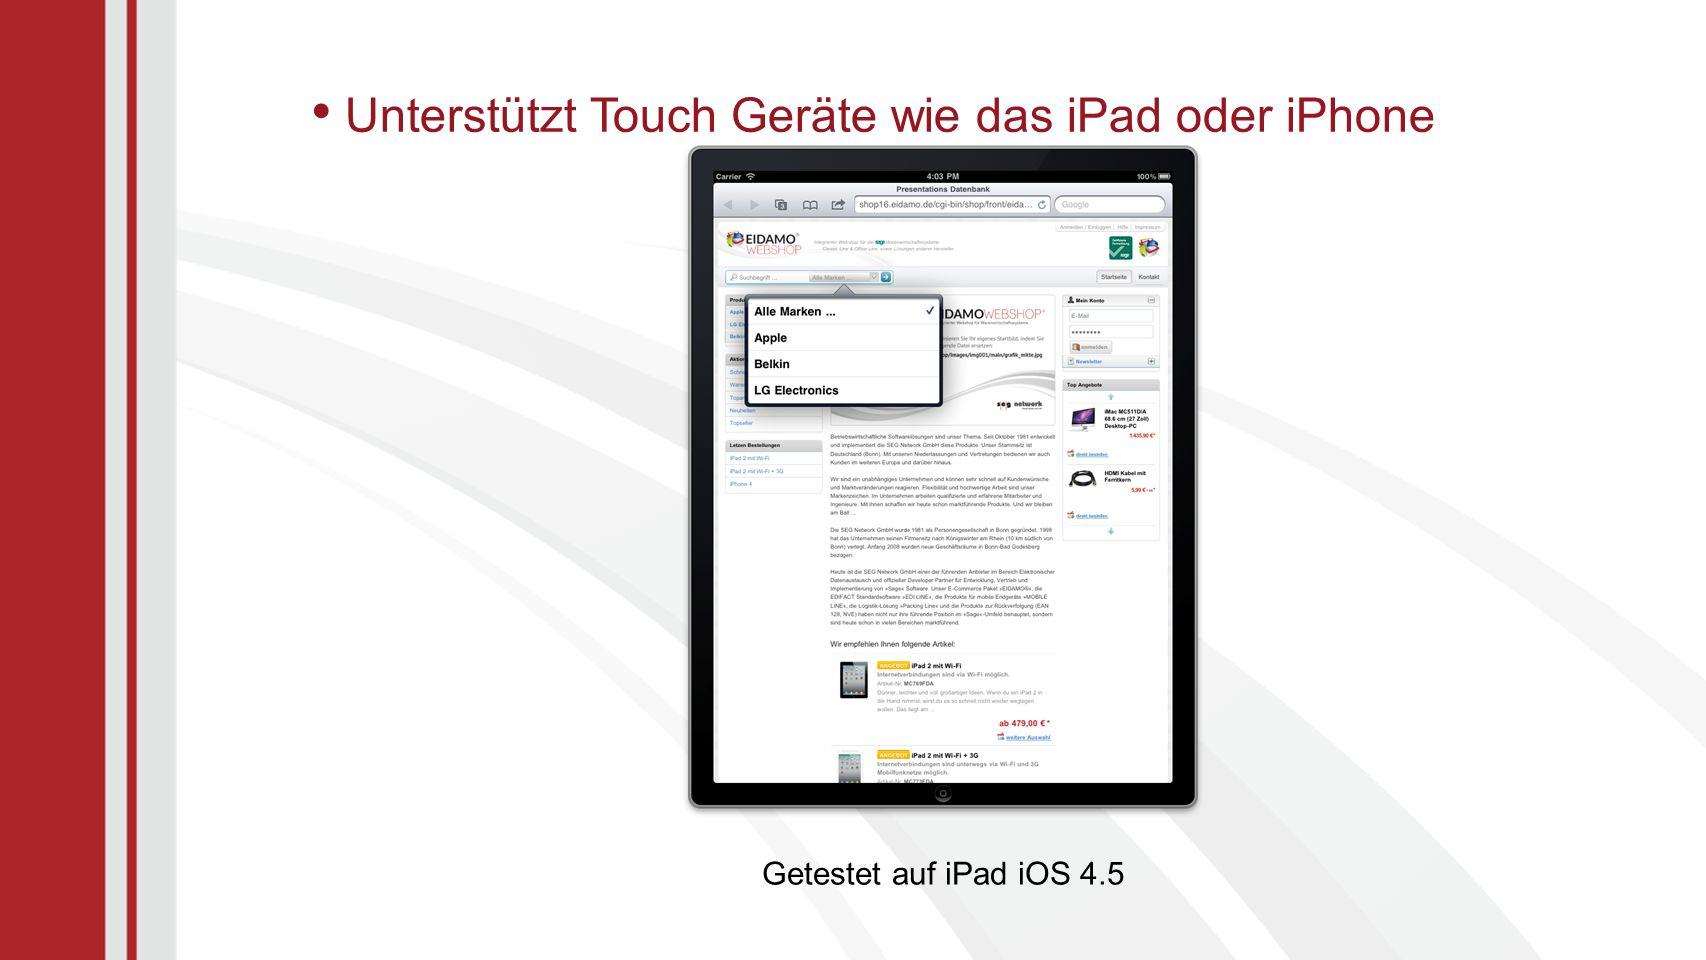 Unterstützt Touch Geräte wie das iPad oder iPhone Getestet auf iPad iOS 4.5